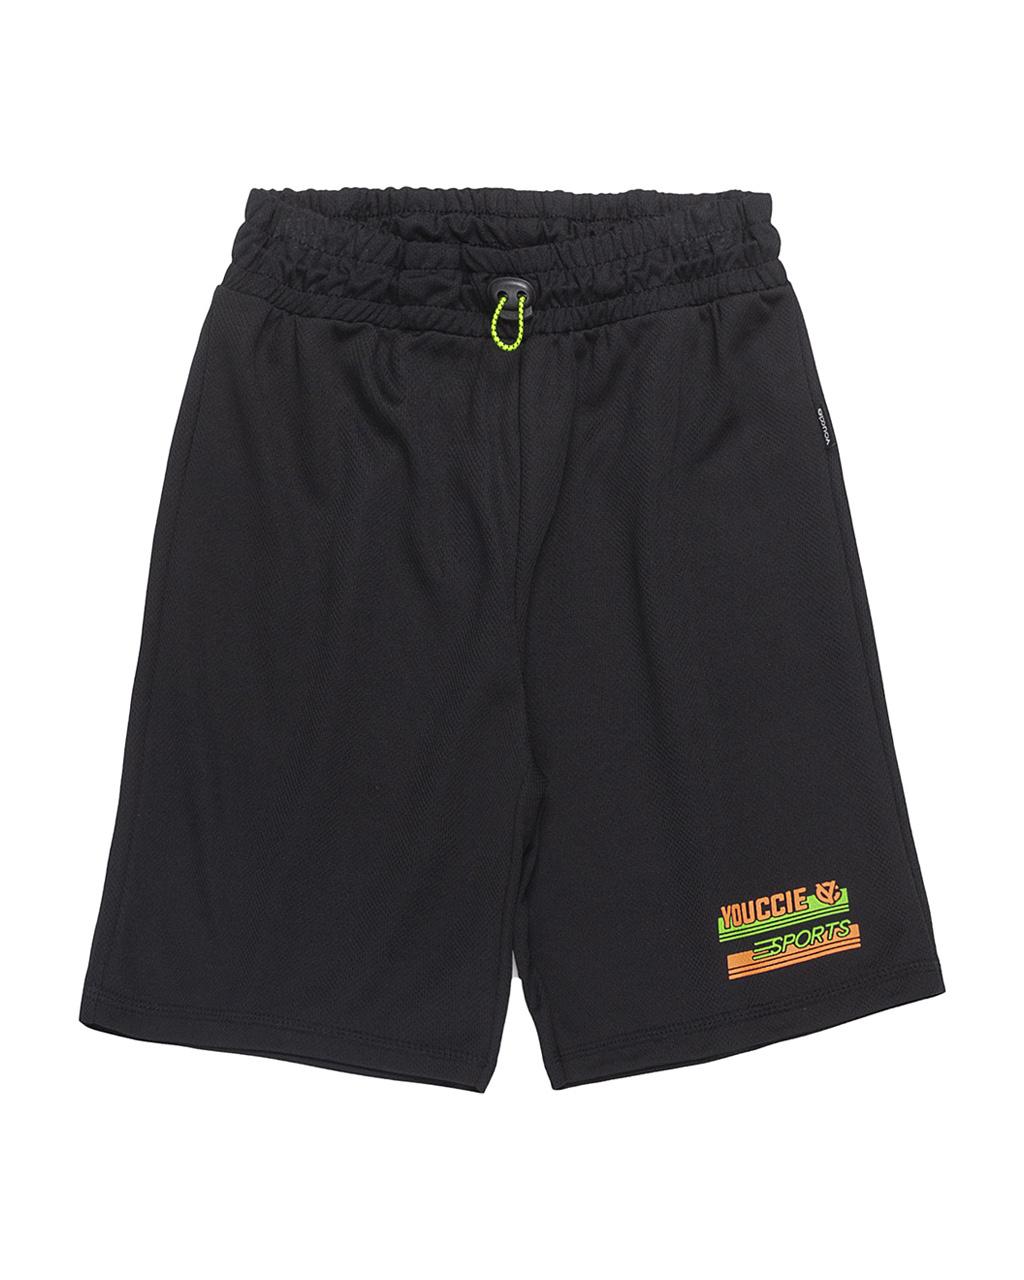 Shorts Infantil Active Basic Esporte Detalhes Neon Youccie